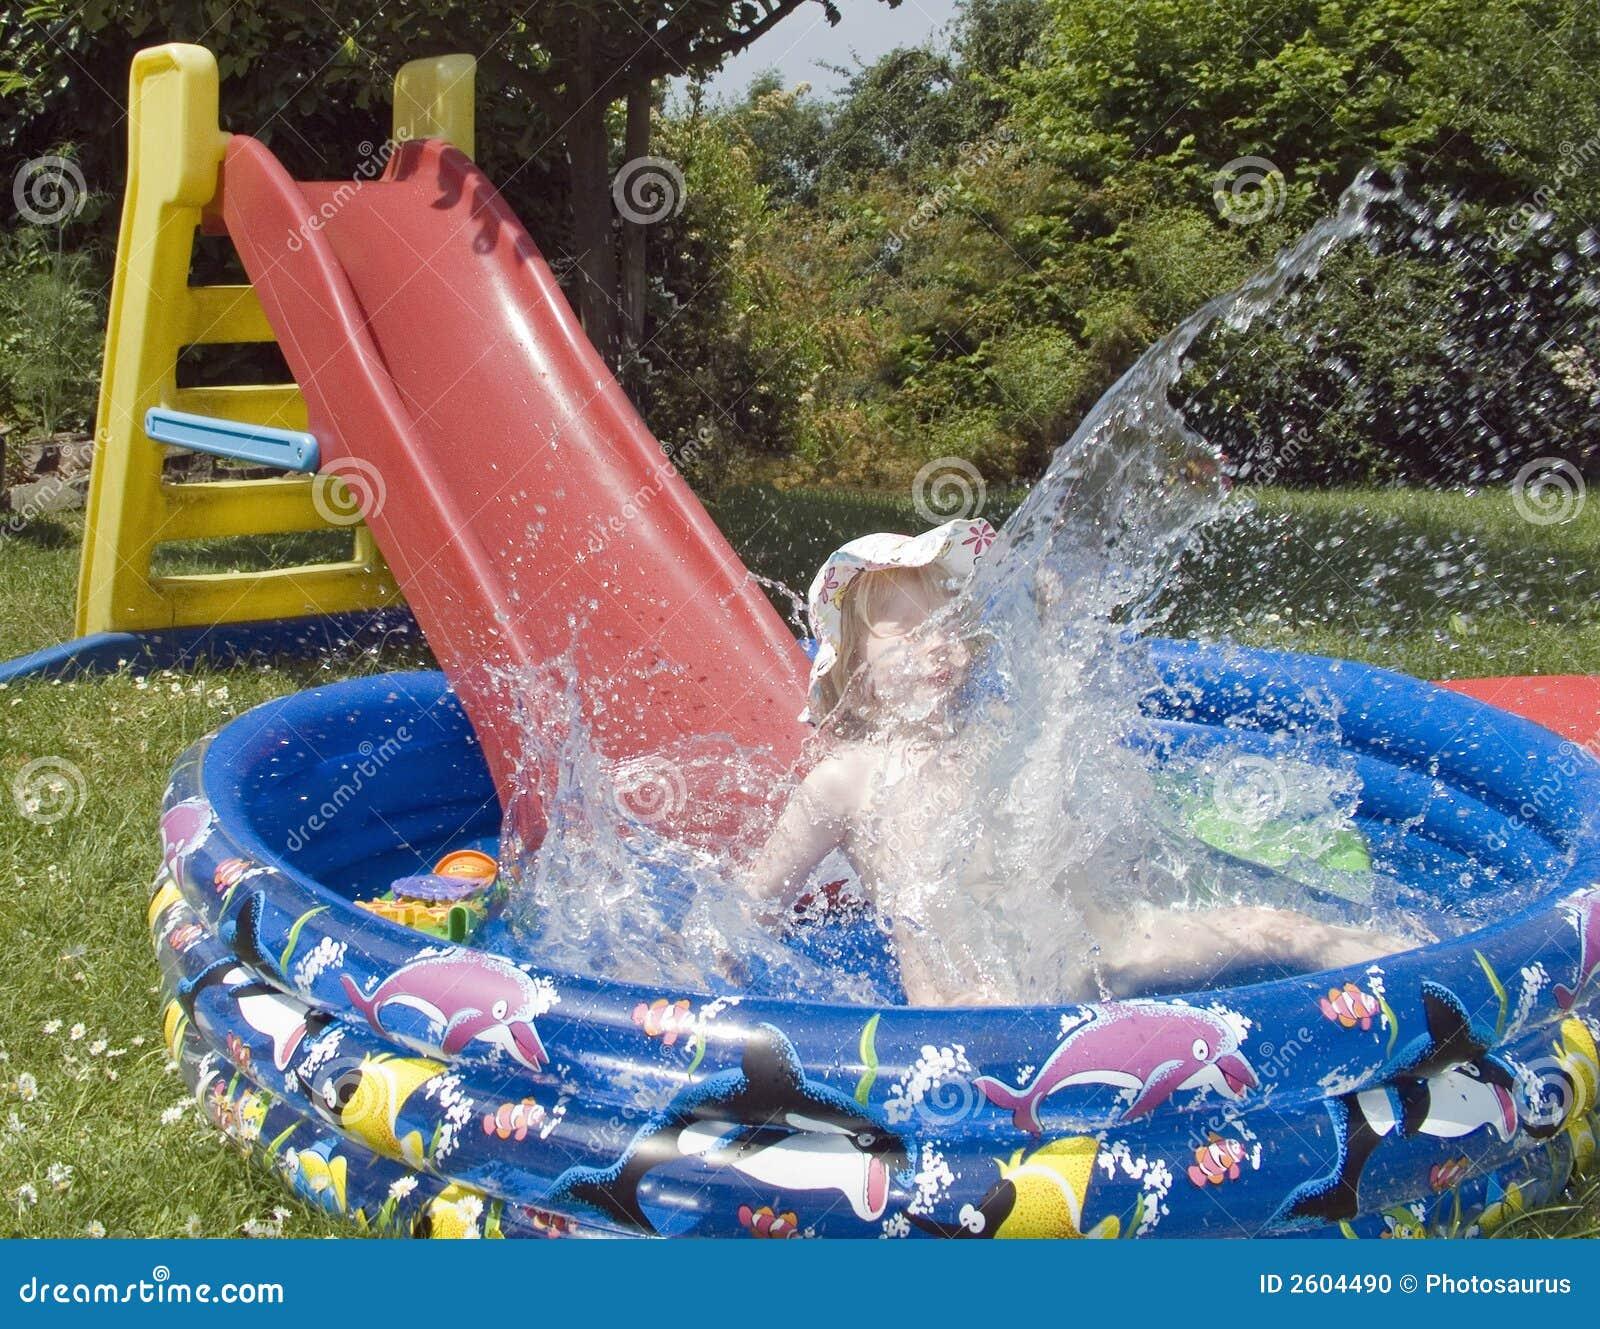 Fun with the pool